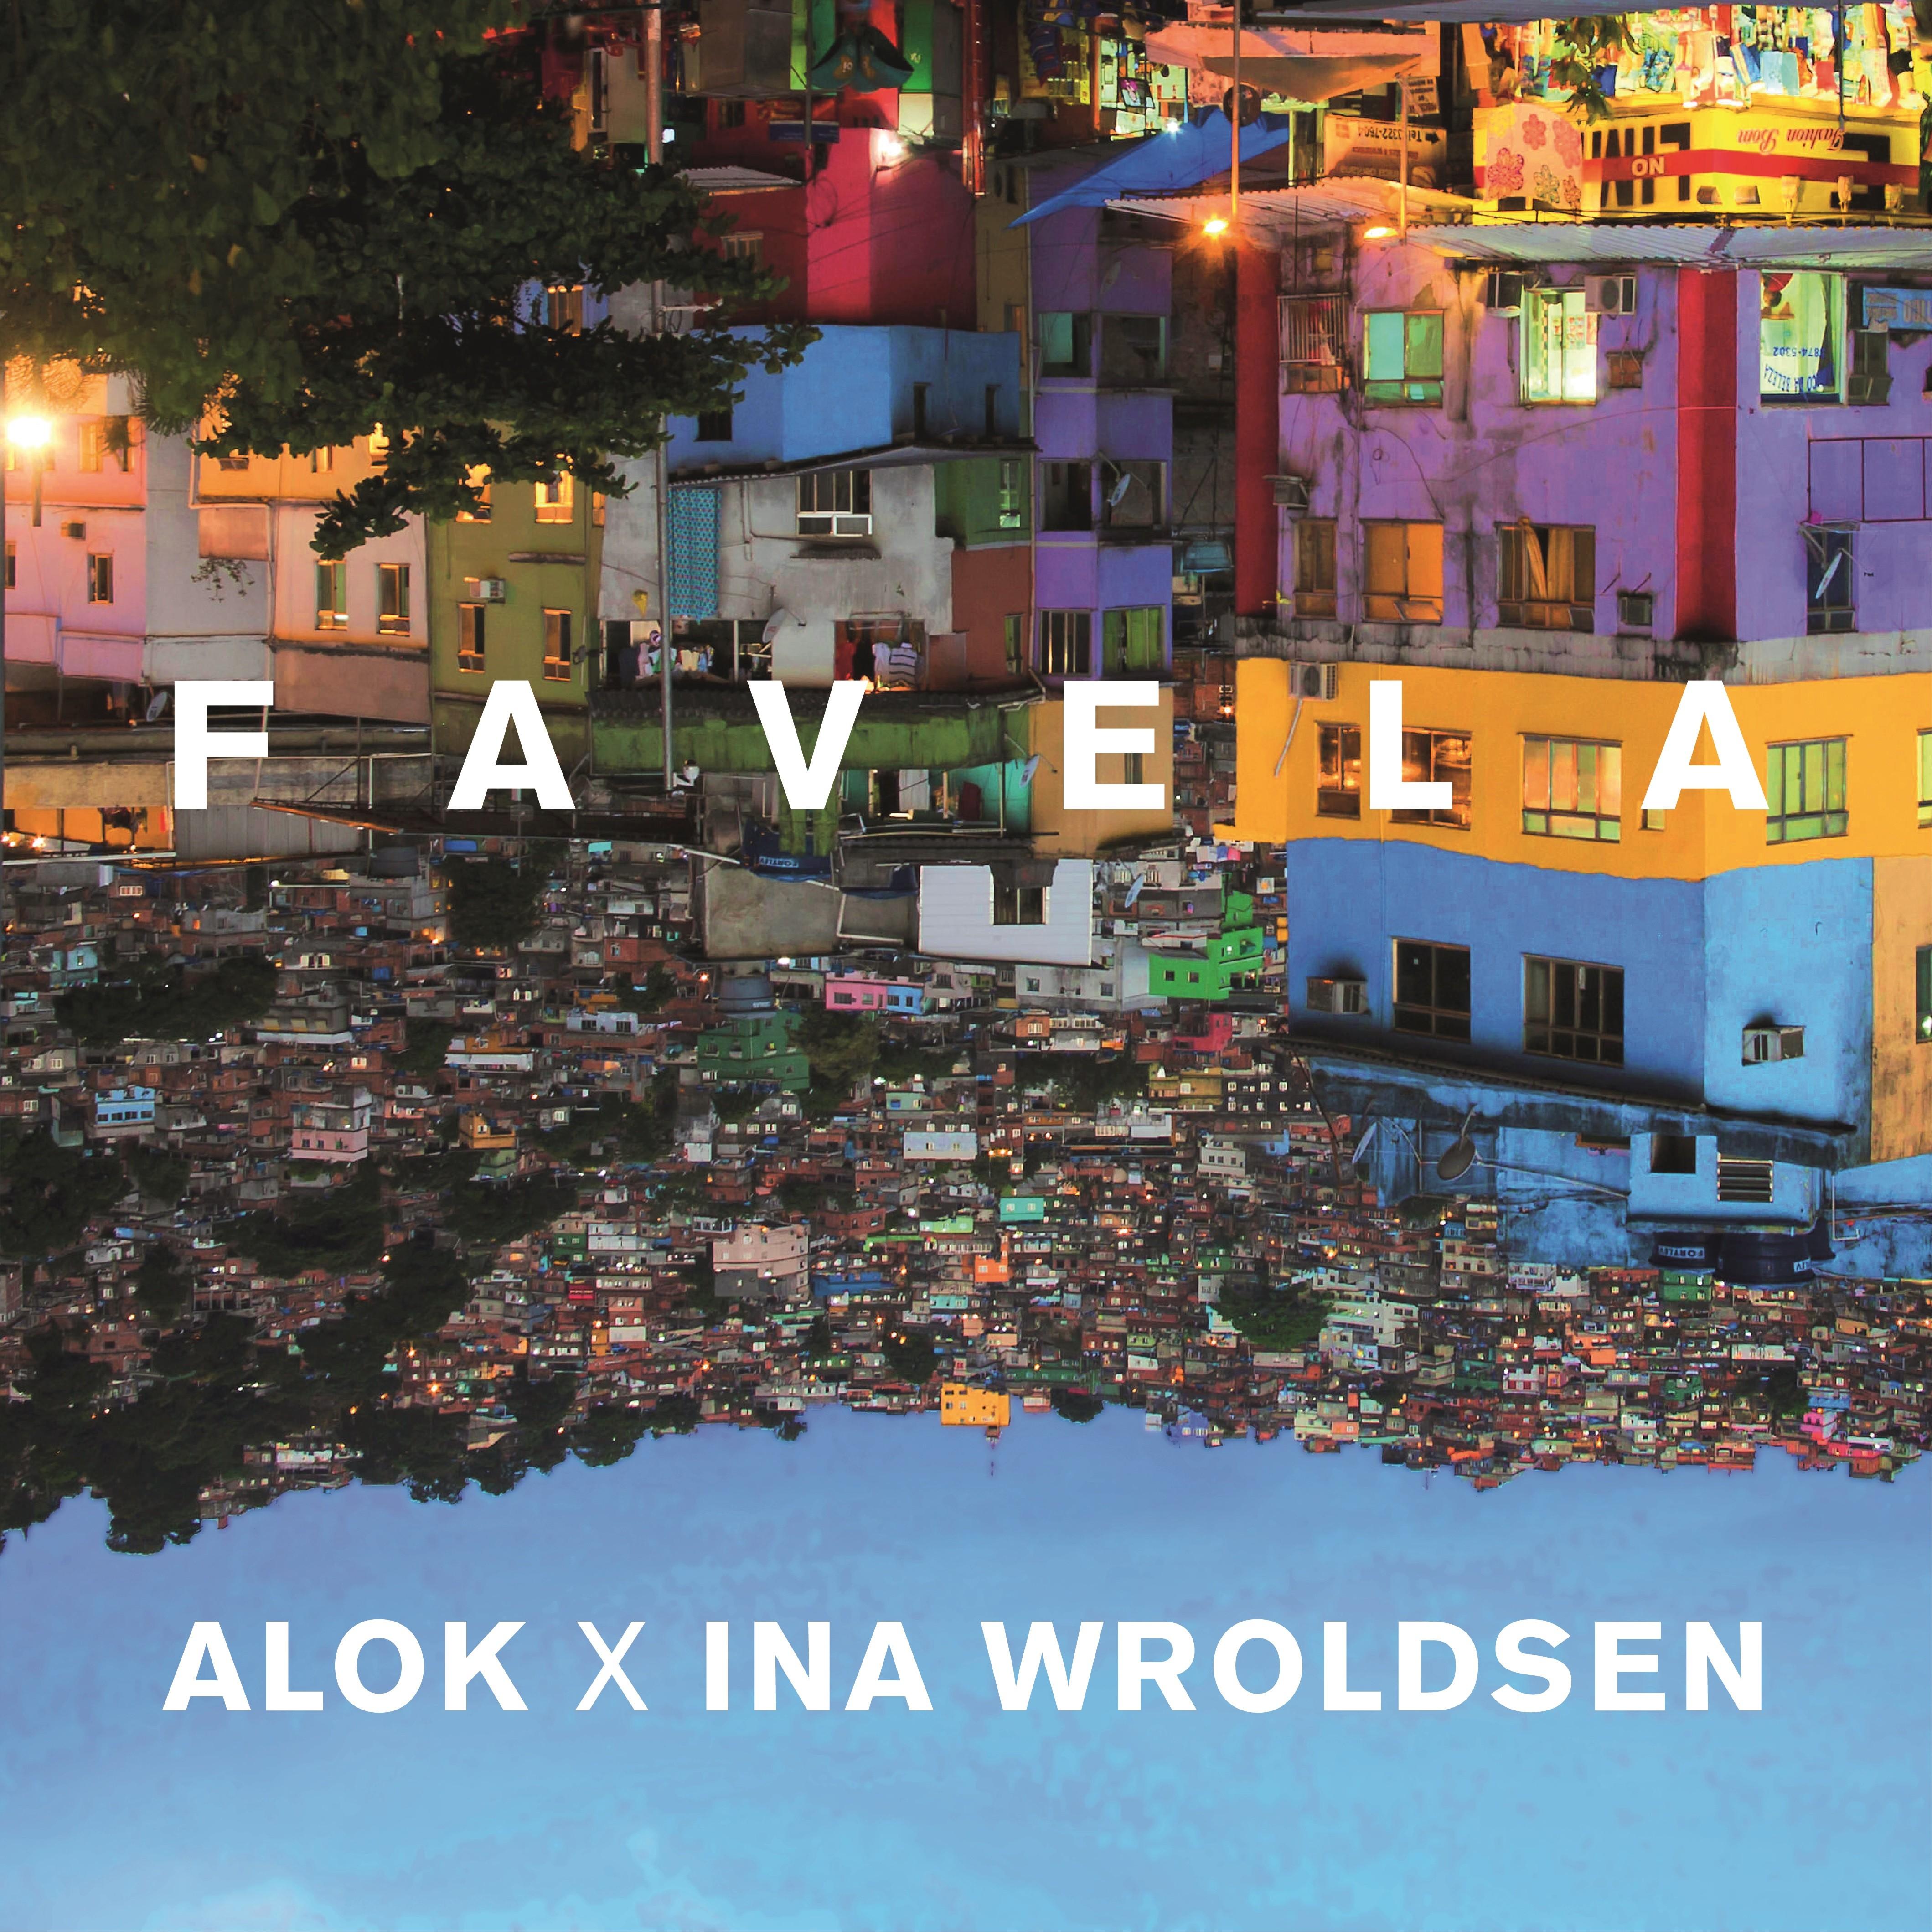 DJ Alok se une a Ina Wroldsen e joga na pista o single 'Favela', olhar da artista norueguesa sobre comunidades do Rio 2